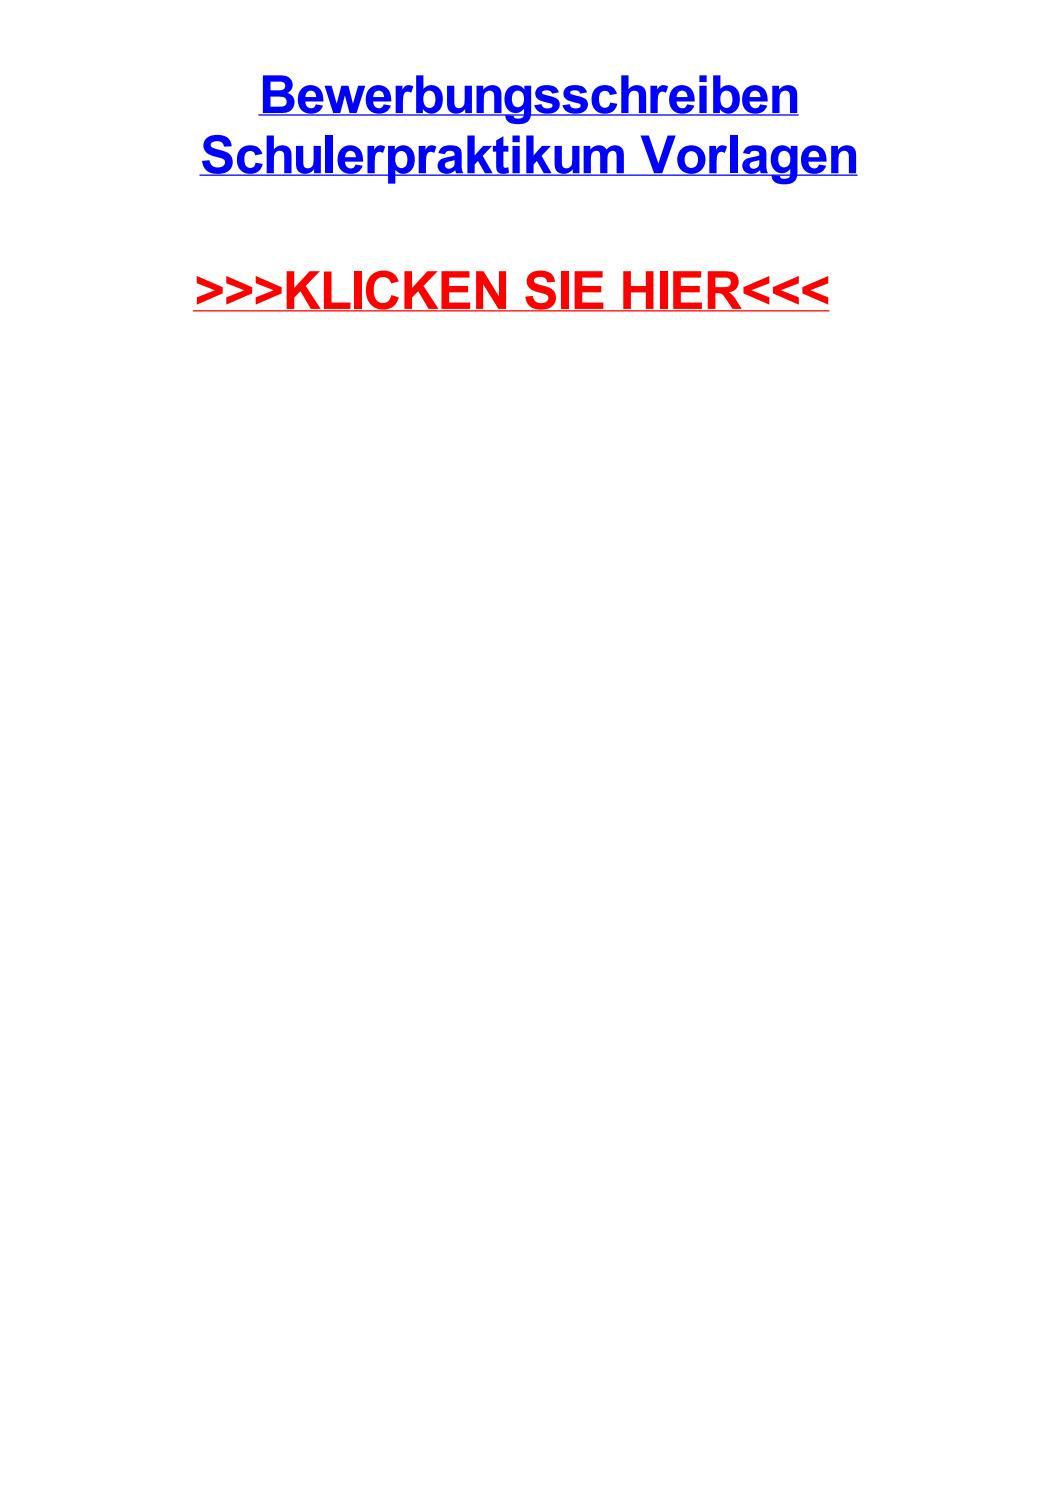 Bewerbungsschreiben schulerpraktikum vorlagen by daledjmsr - issuu